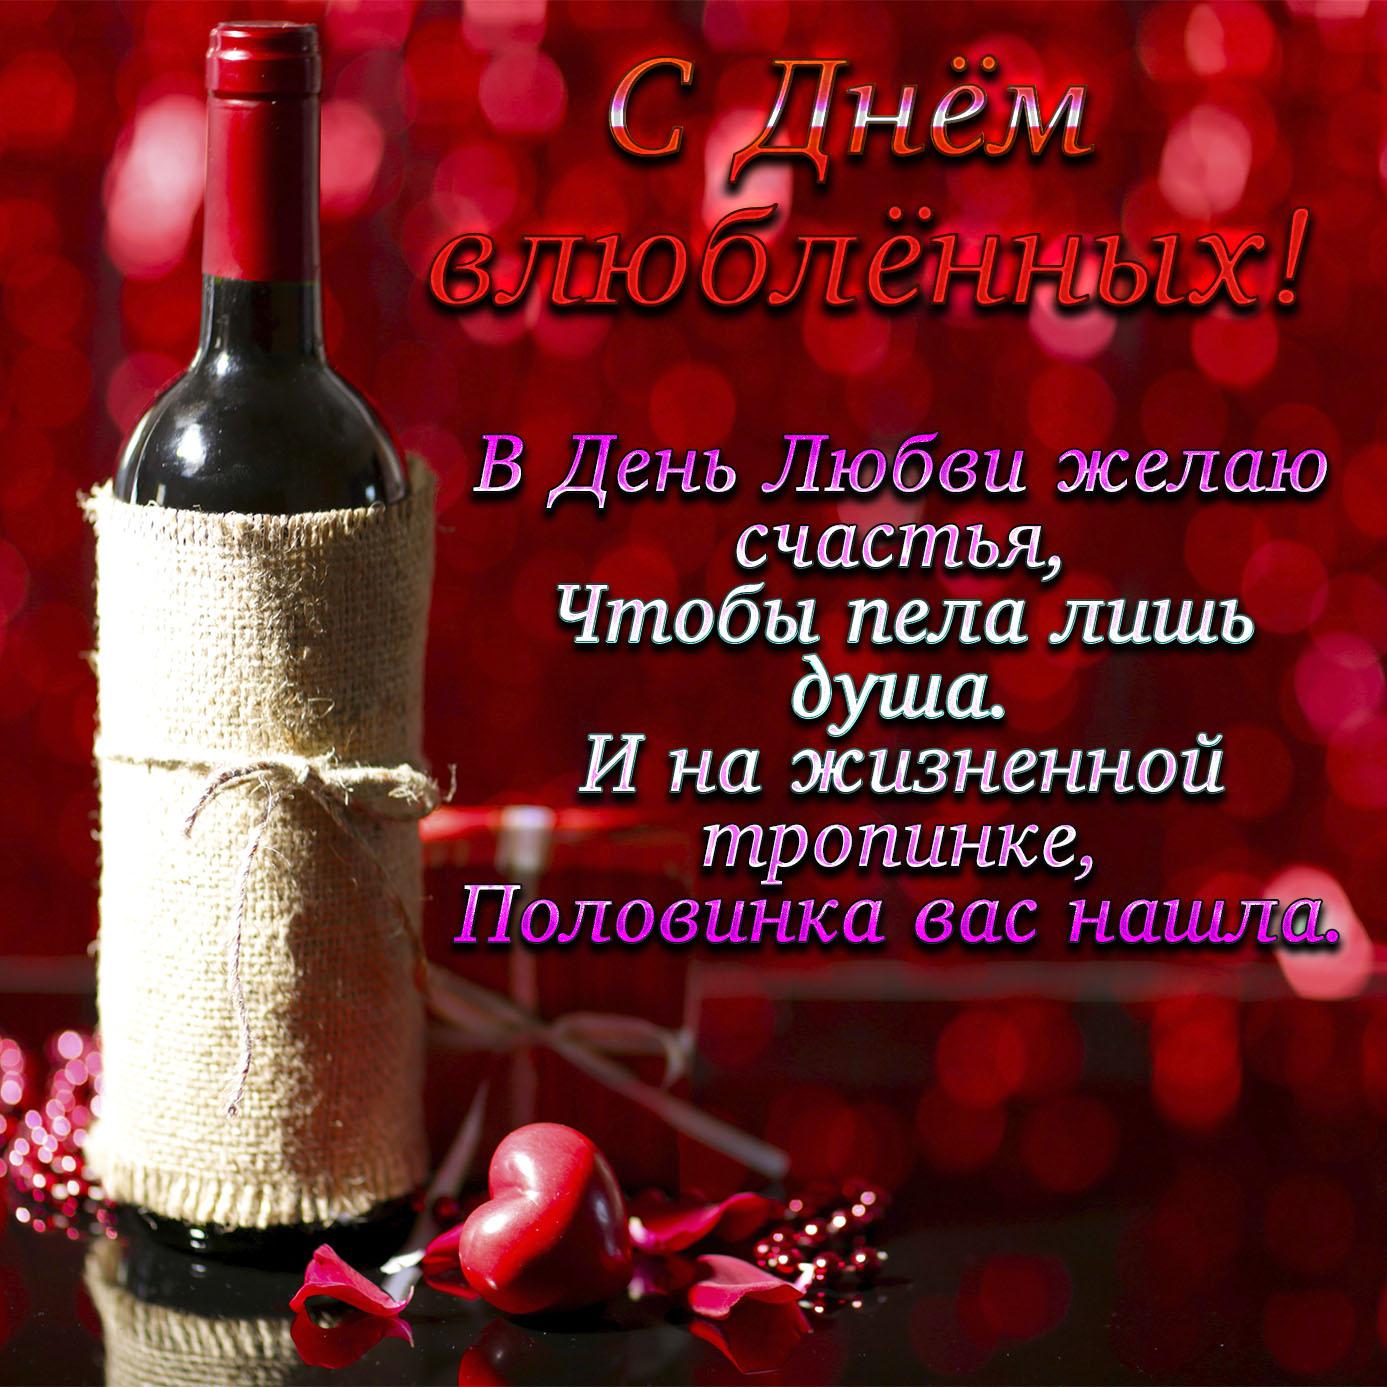 Картинка с поздравлением на День влюблённых